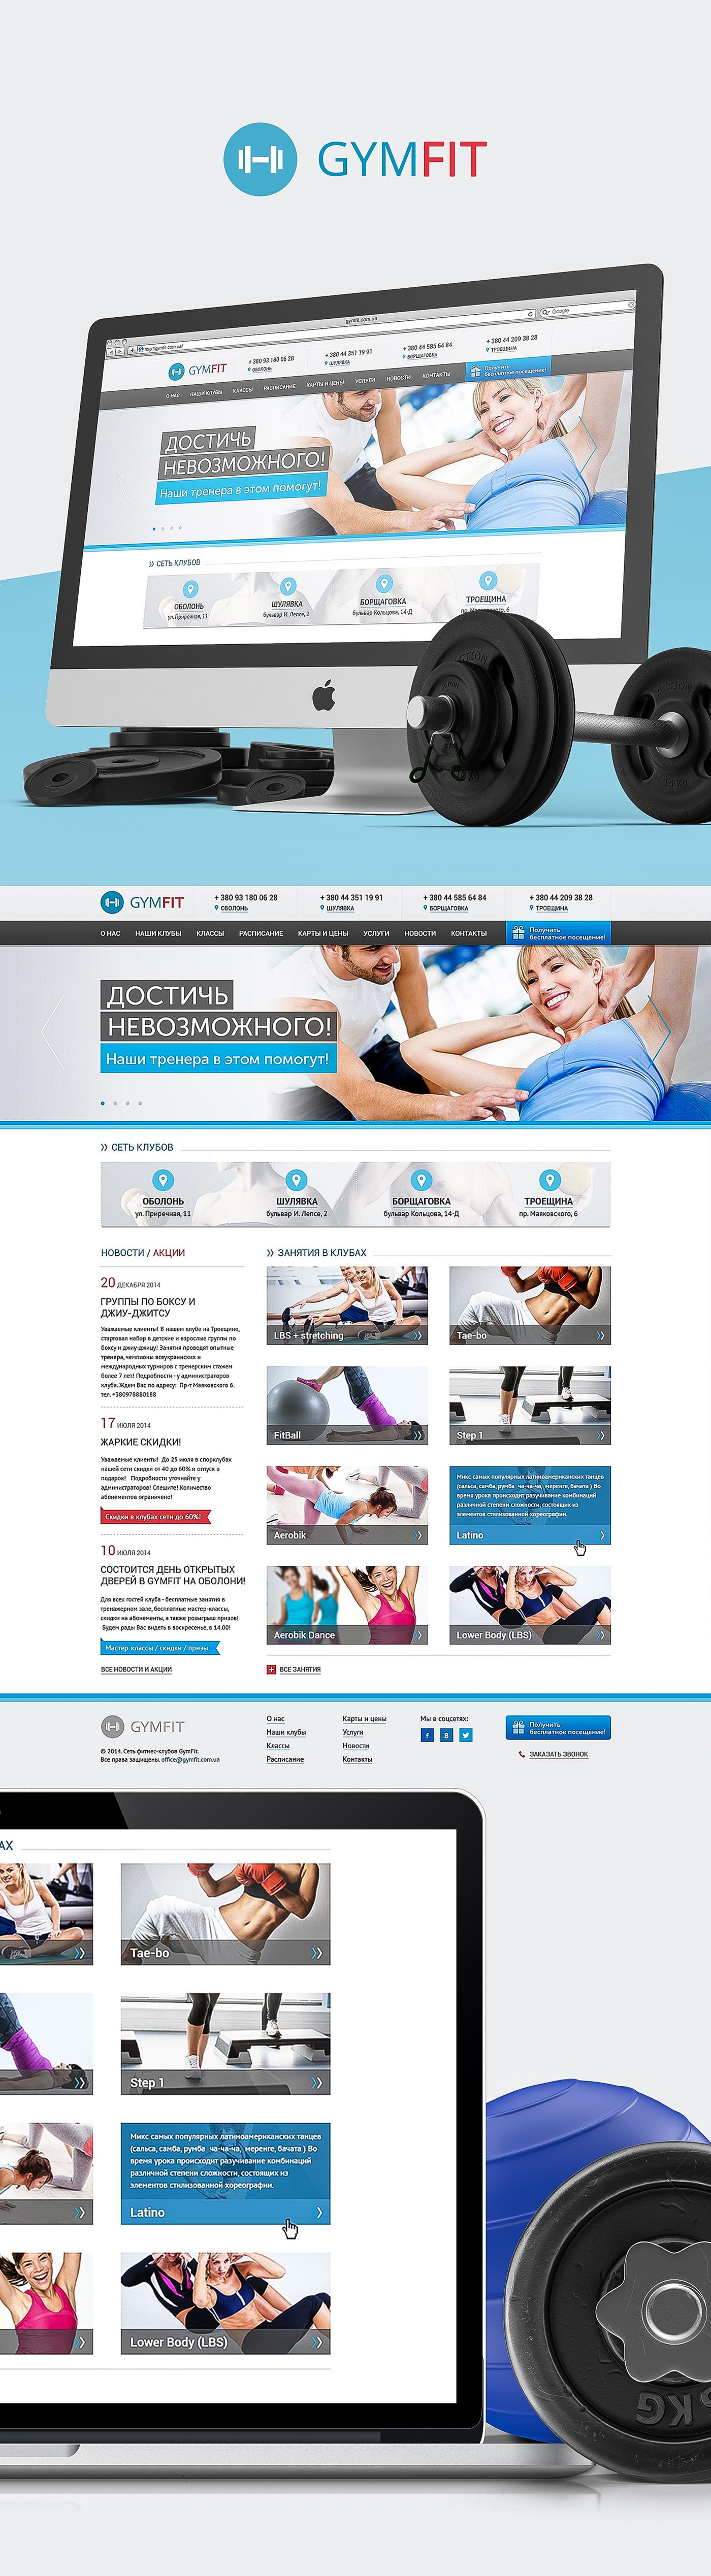 gym FIT gymfit Website Web Design